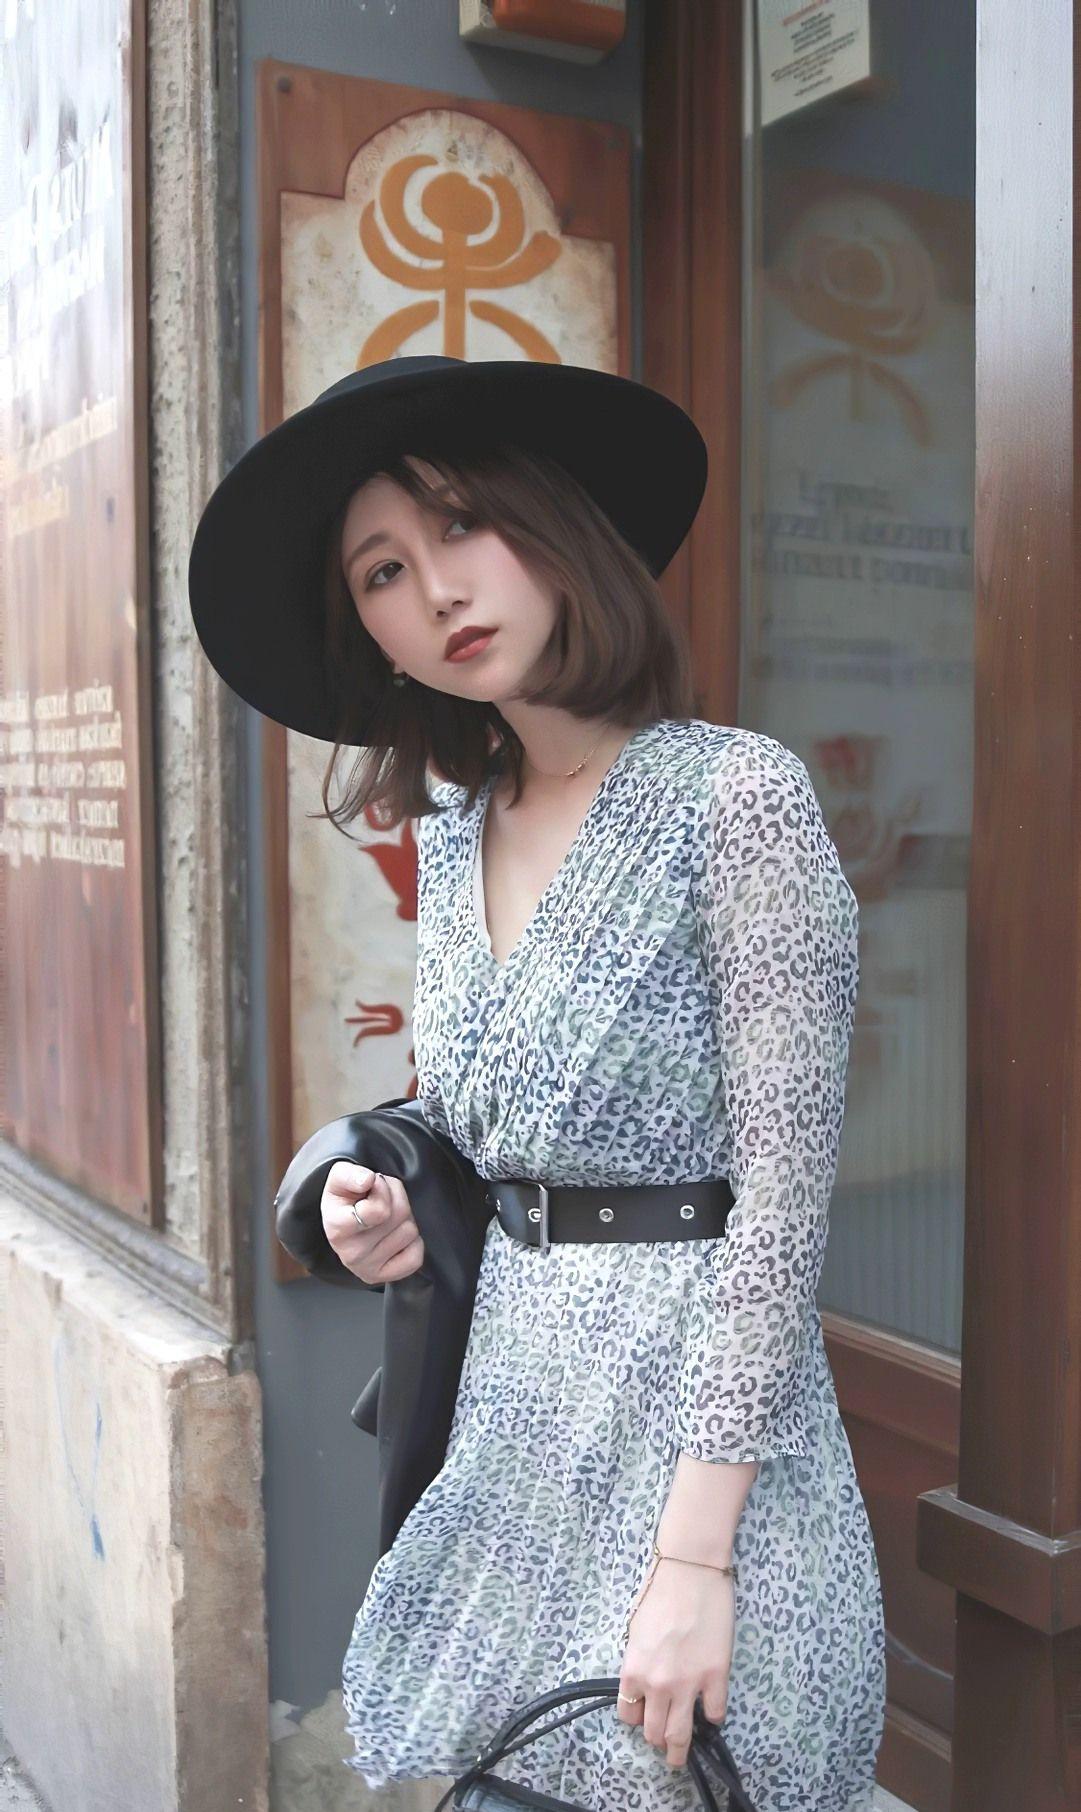 美女碎花连衣裙搭配皮质配饰,柔美中流露出野性,混搭时尚显气质